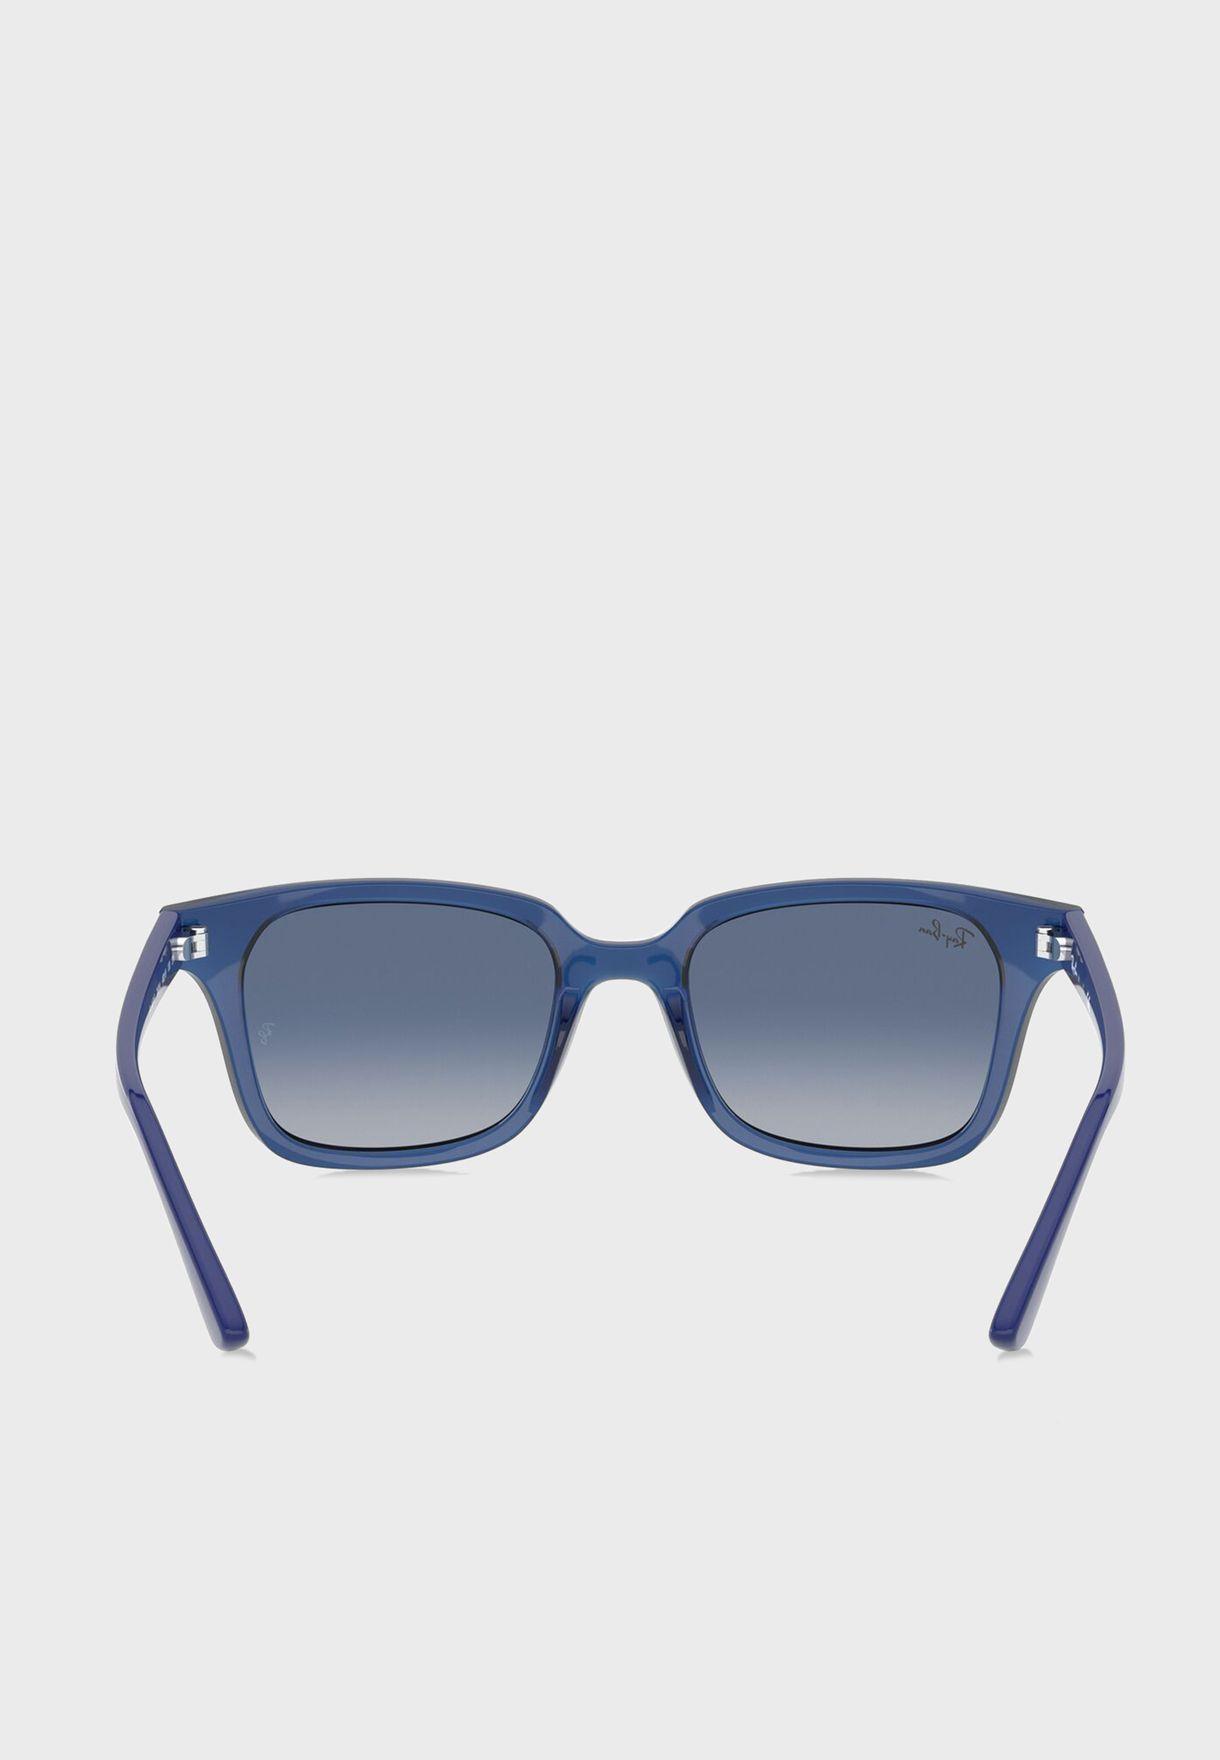 0Rj9071S Wayfarer Sunglasses